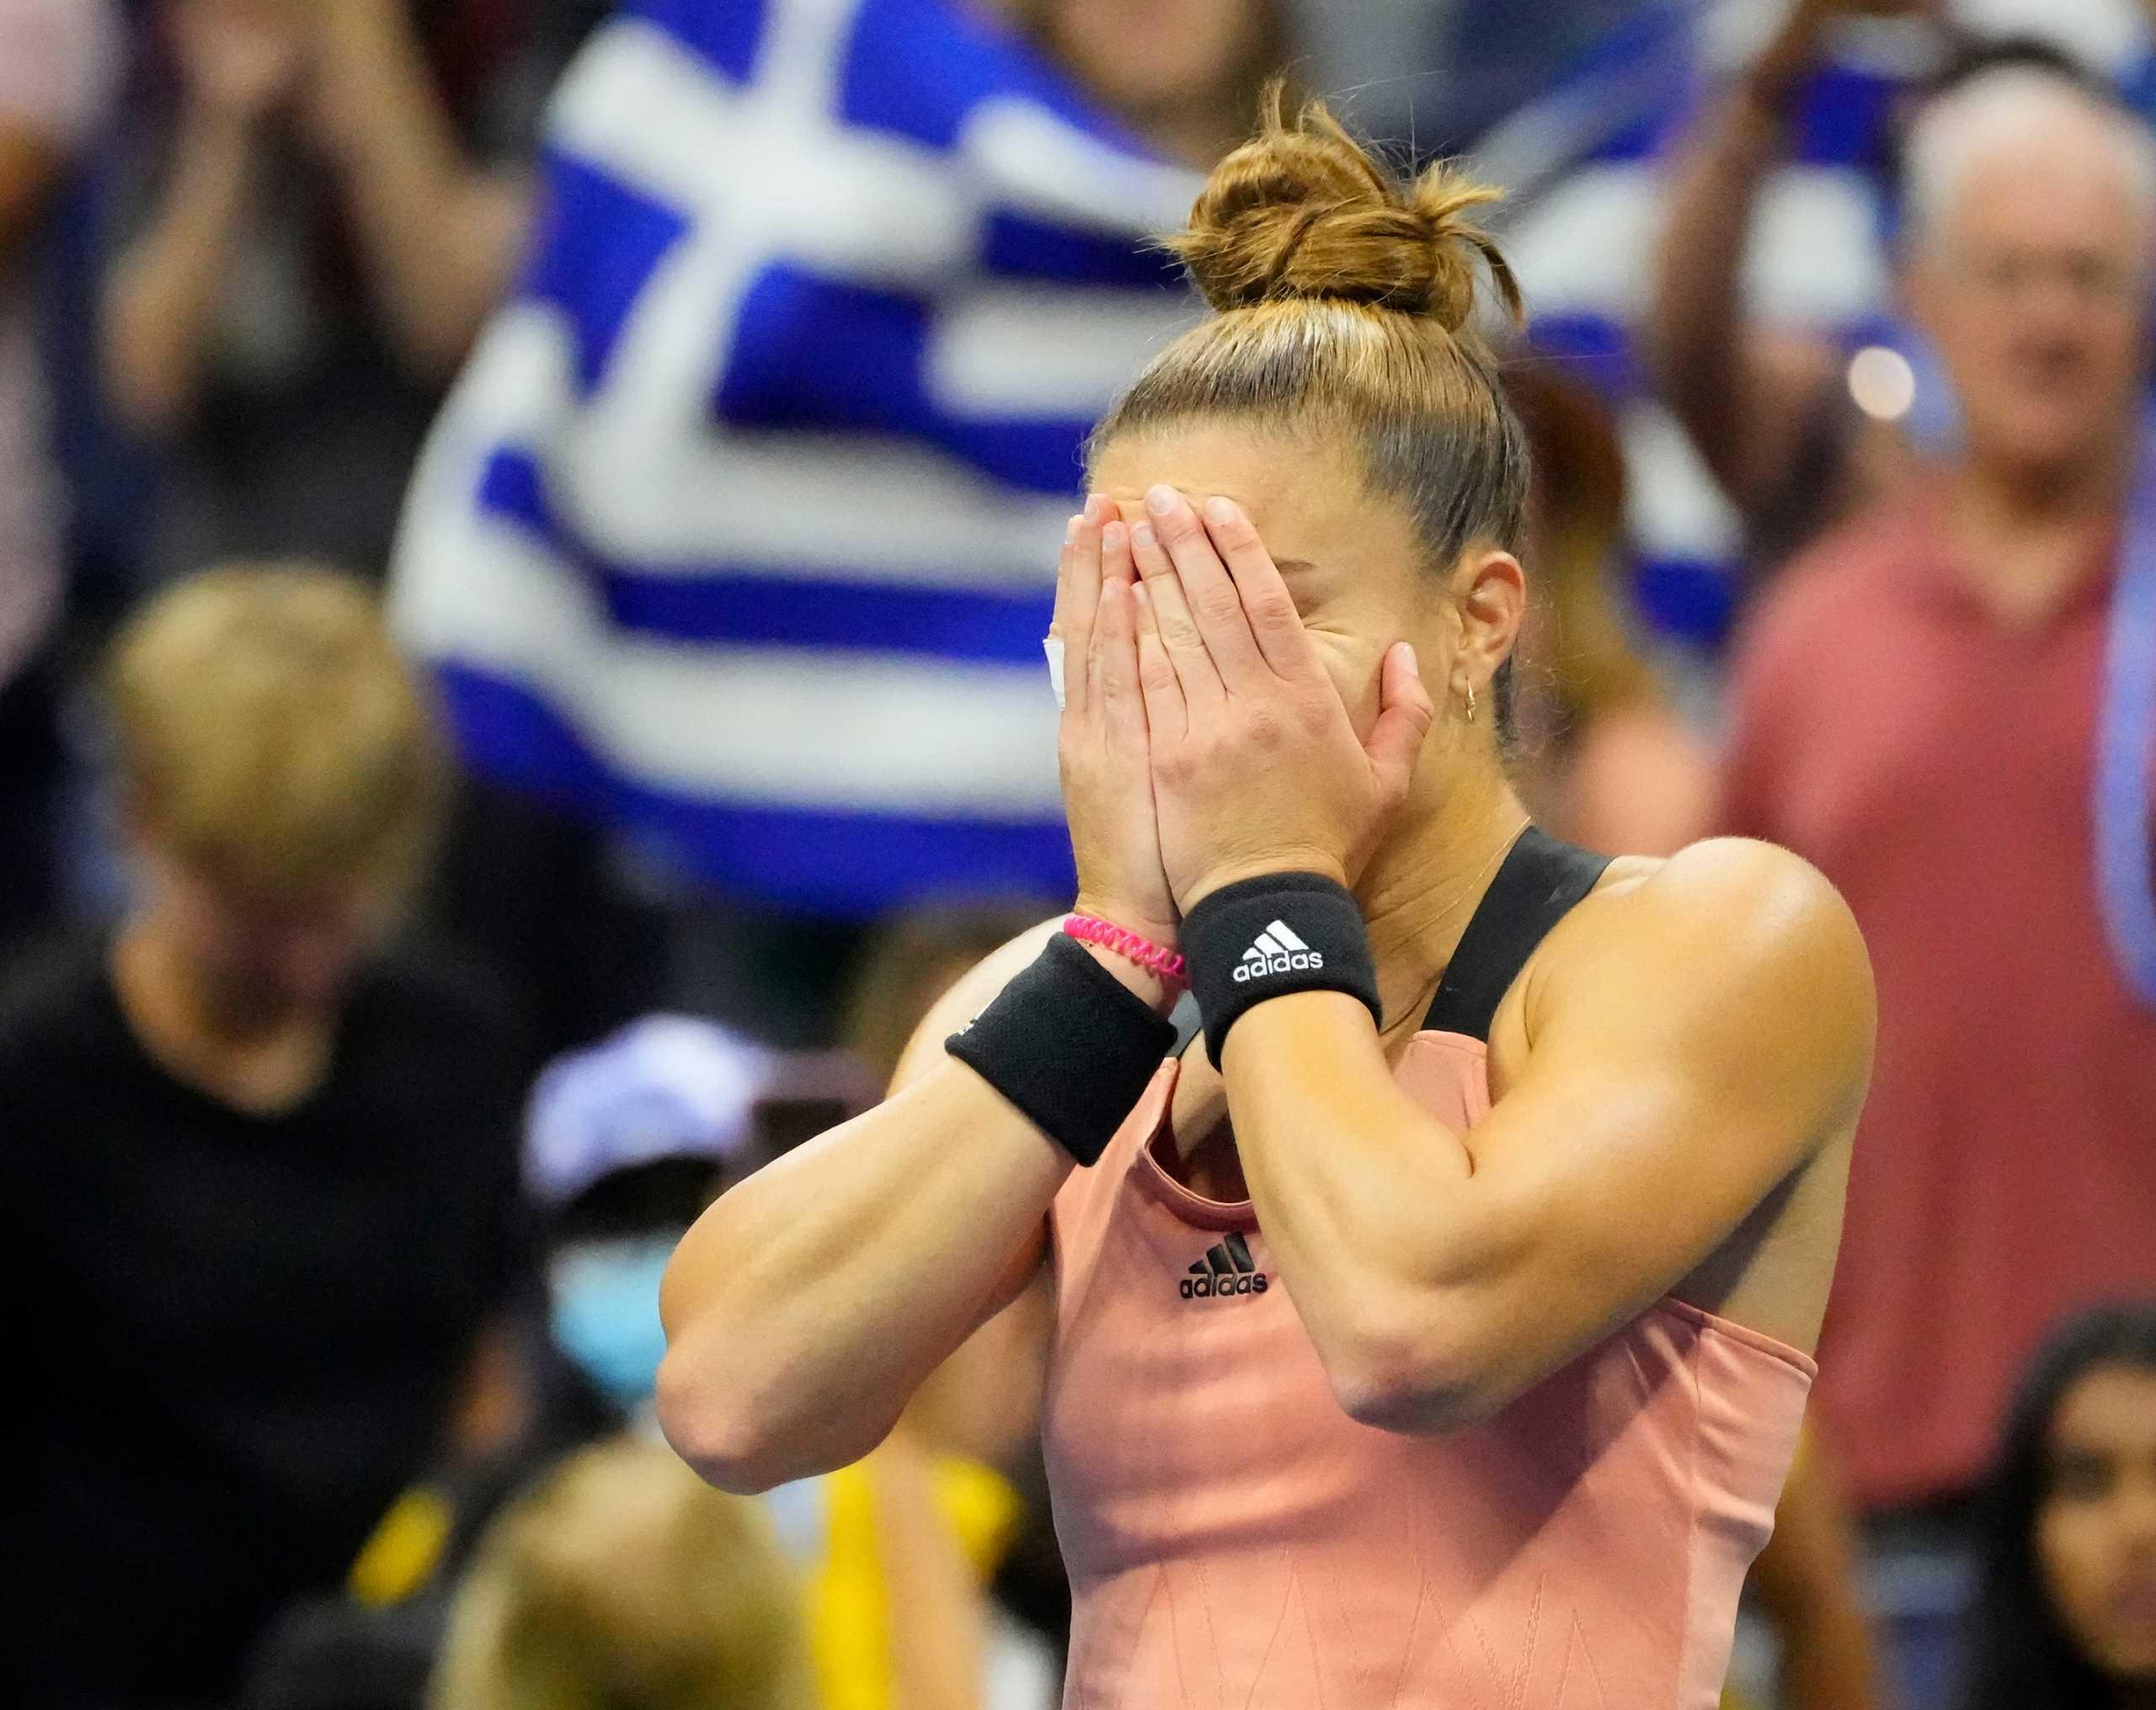 Μαρία Σάκκαρη: Δάκρυα χαράς μετά την ιστορική πρόκριση στα προημιτελικά του US Open